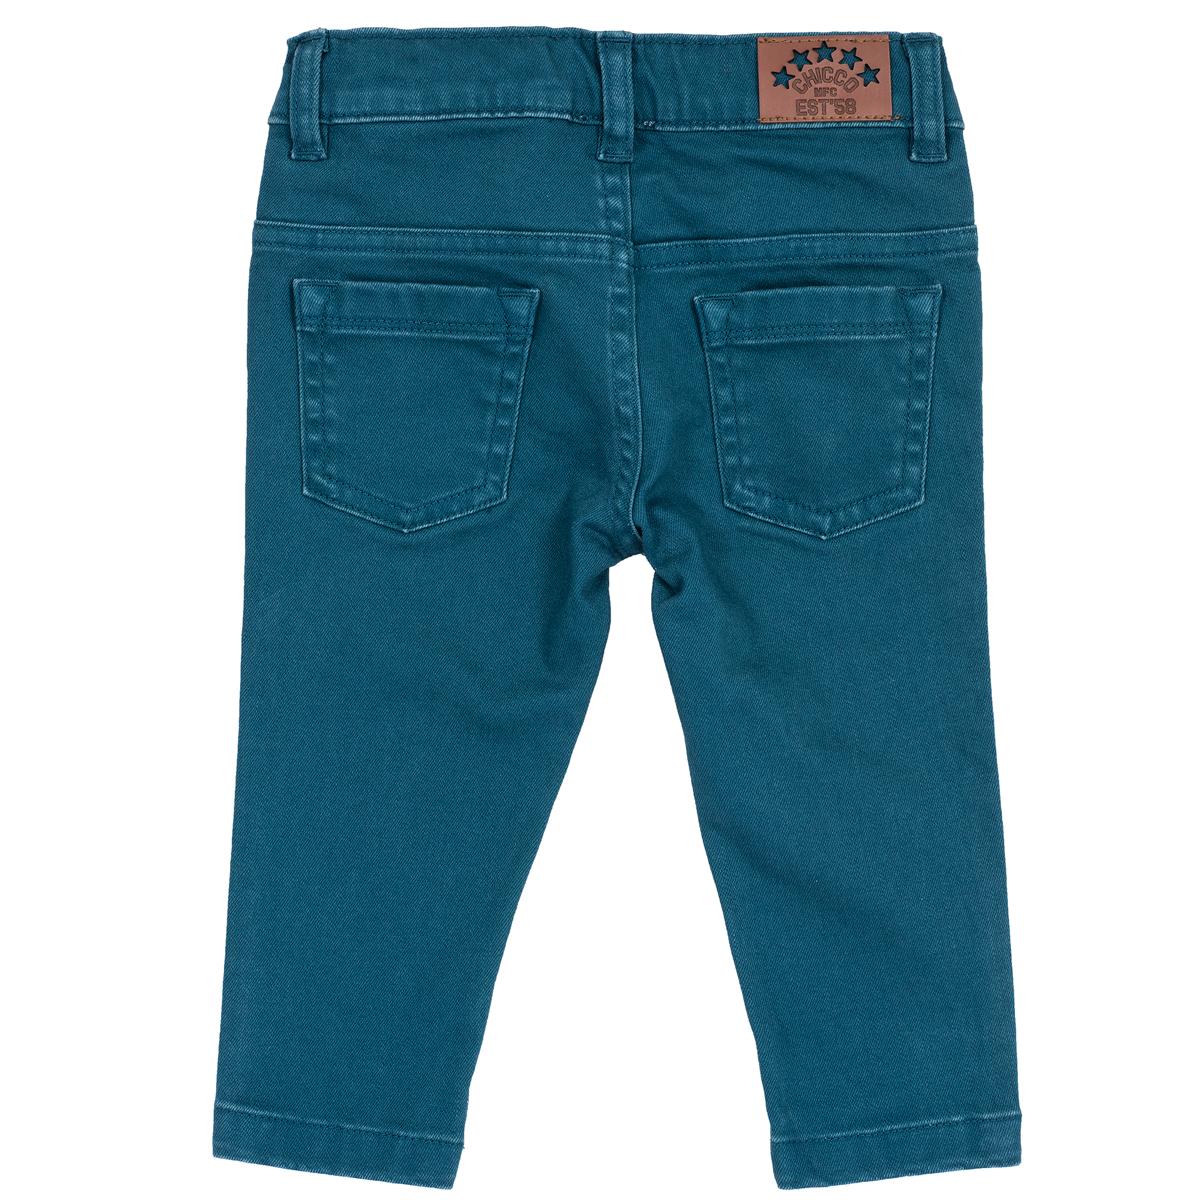 Pantalon copii Chicco, albastru deschis, 24783 din categoria Pantaloni copii